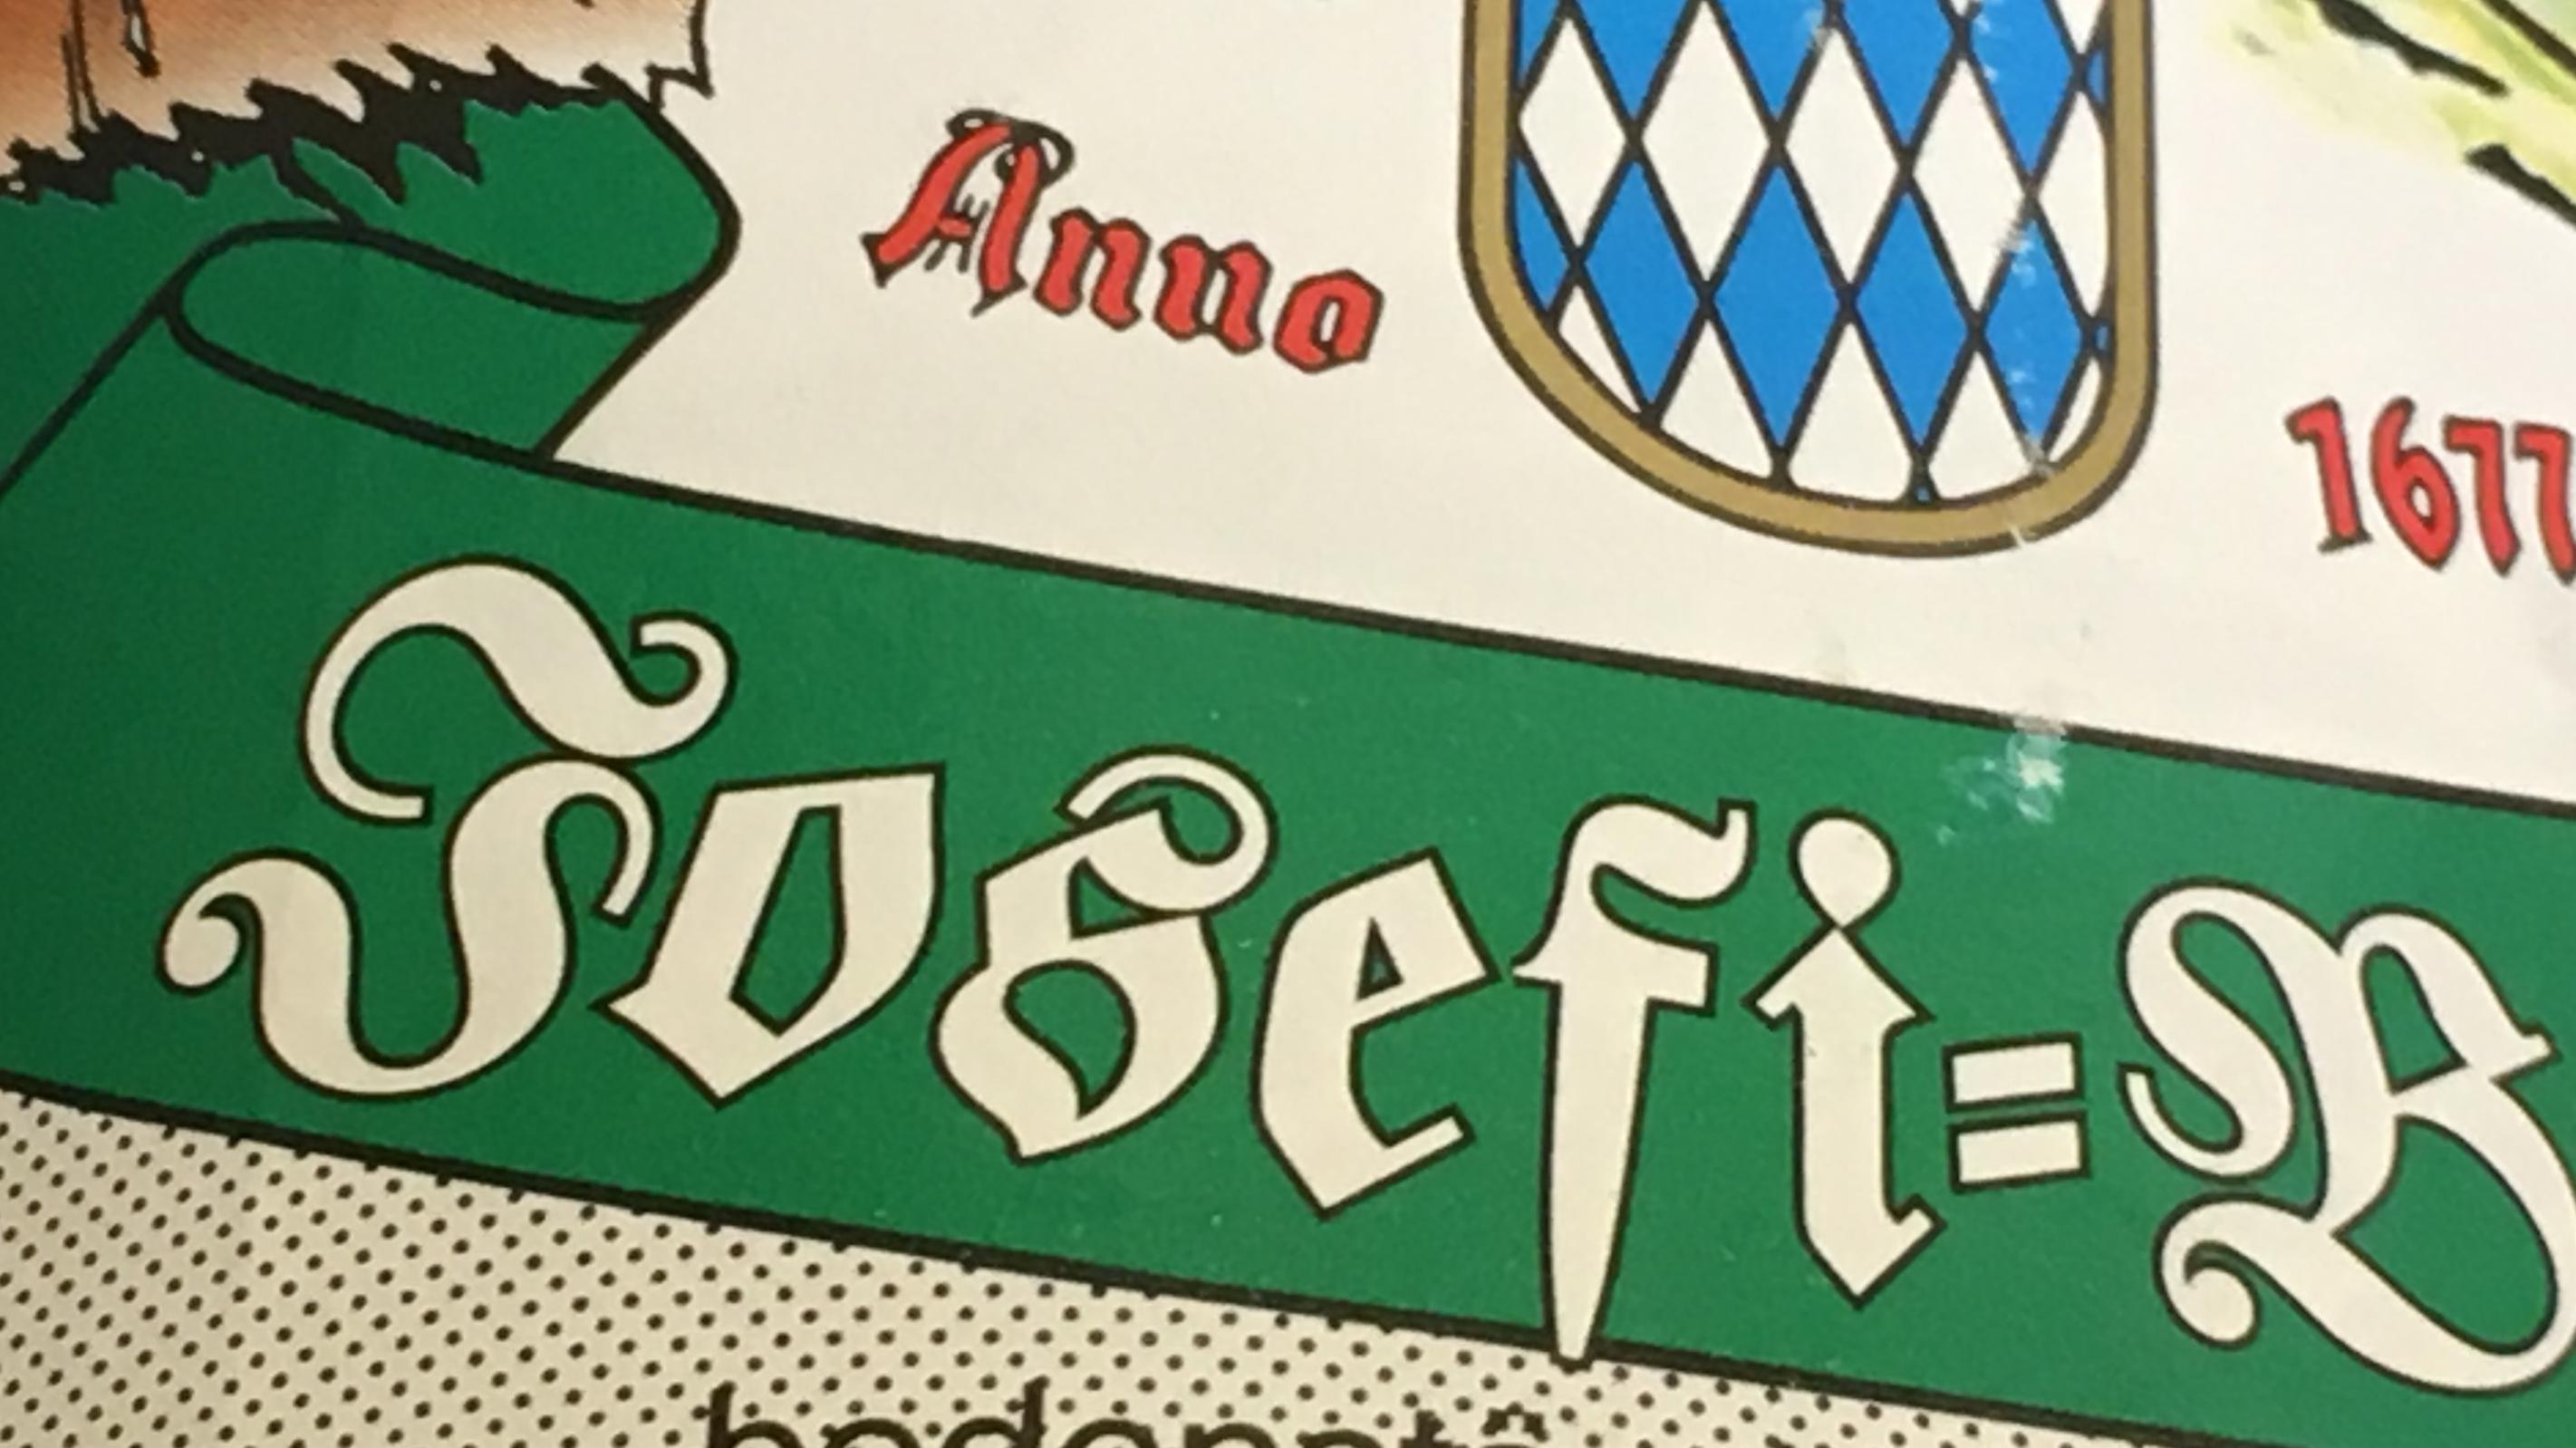 ARCHIV - 17.03.2009, Bayern, Seeg: ILLUSTRATION Das Etikett auf einer Bierflasche, mit einem für die Zeit um den Josefitag gebrauten Bier